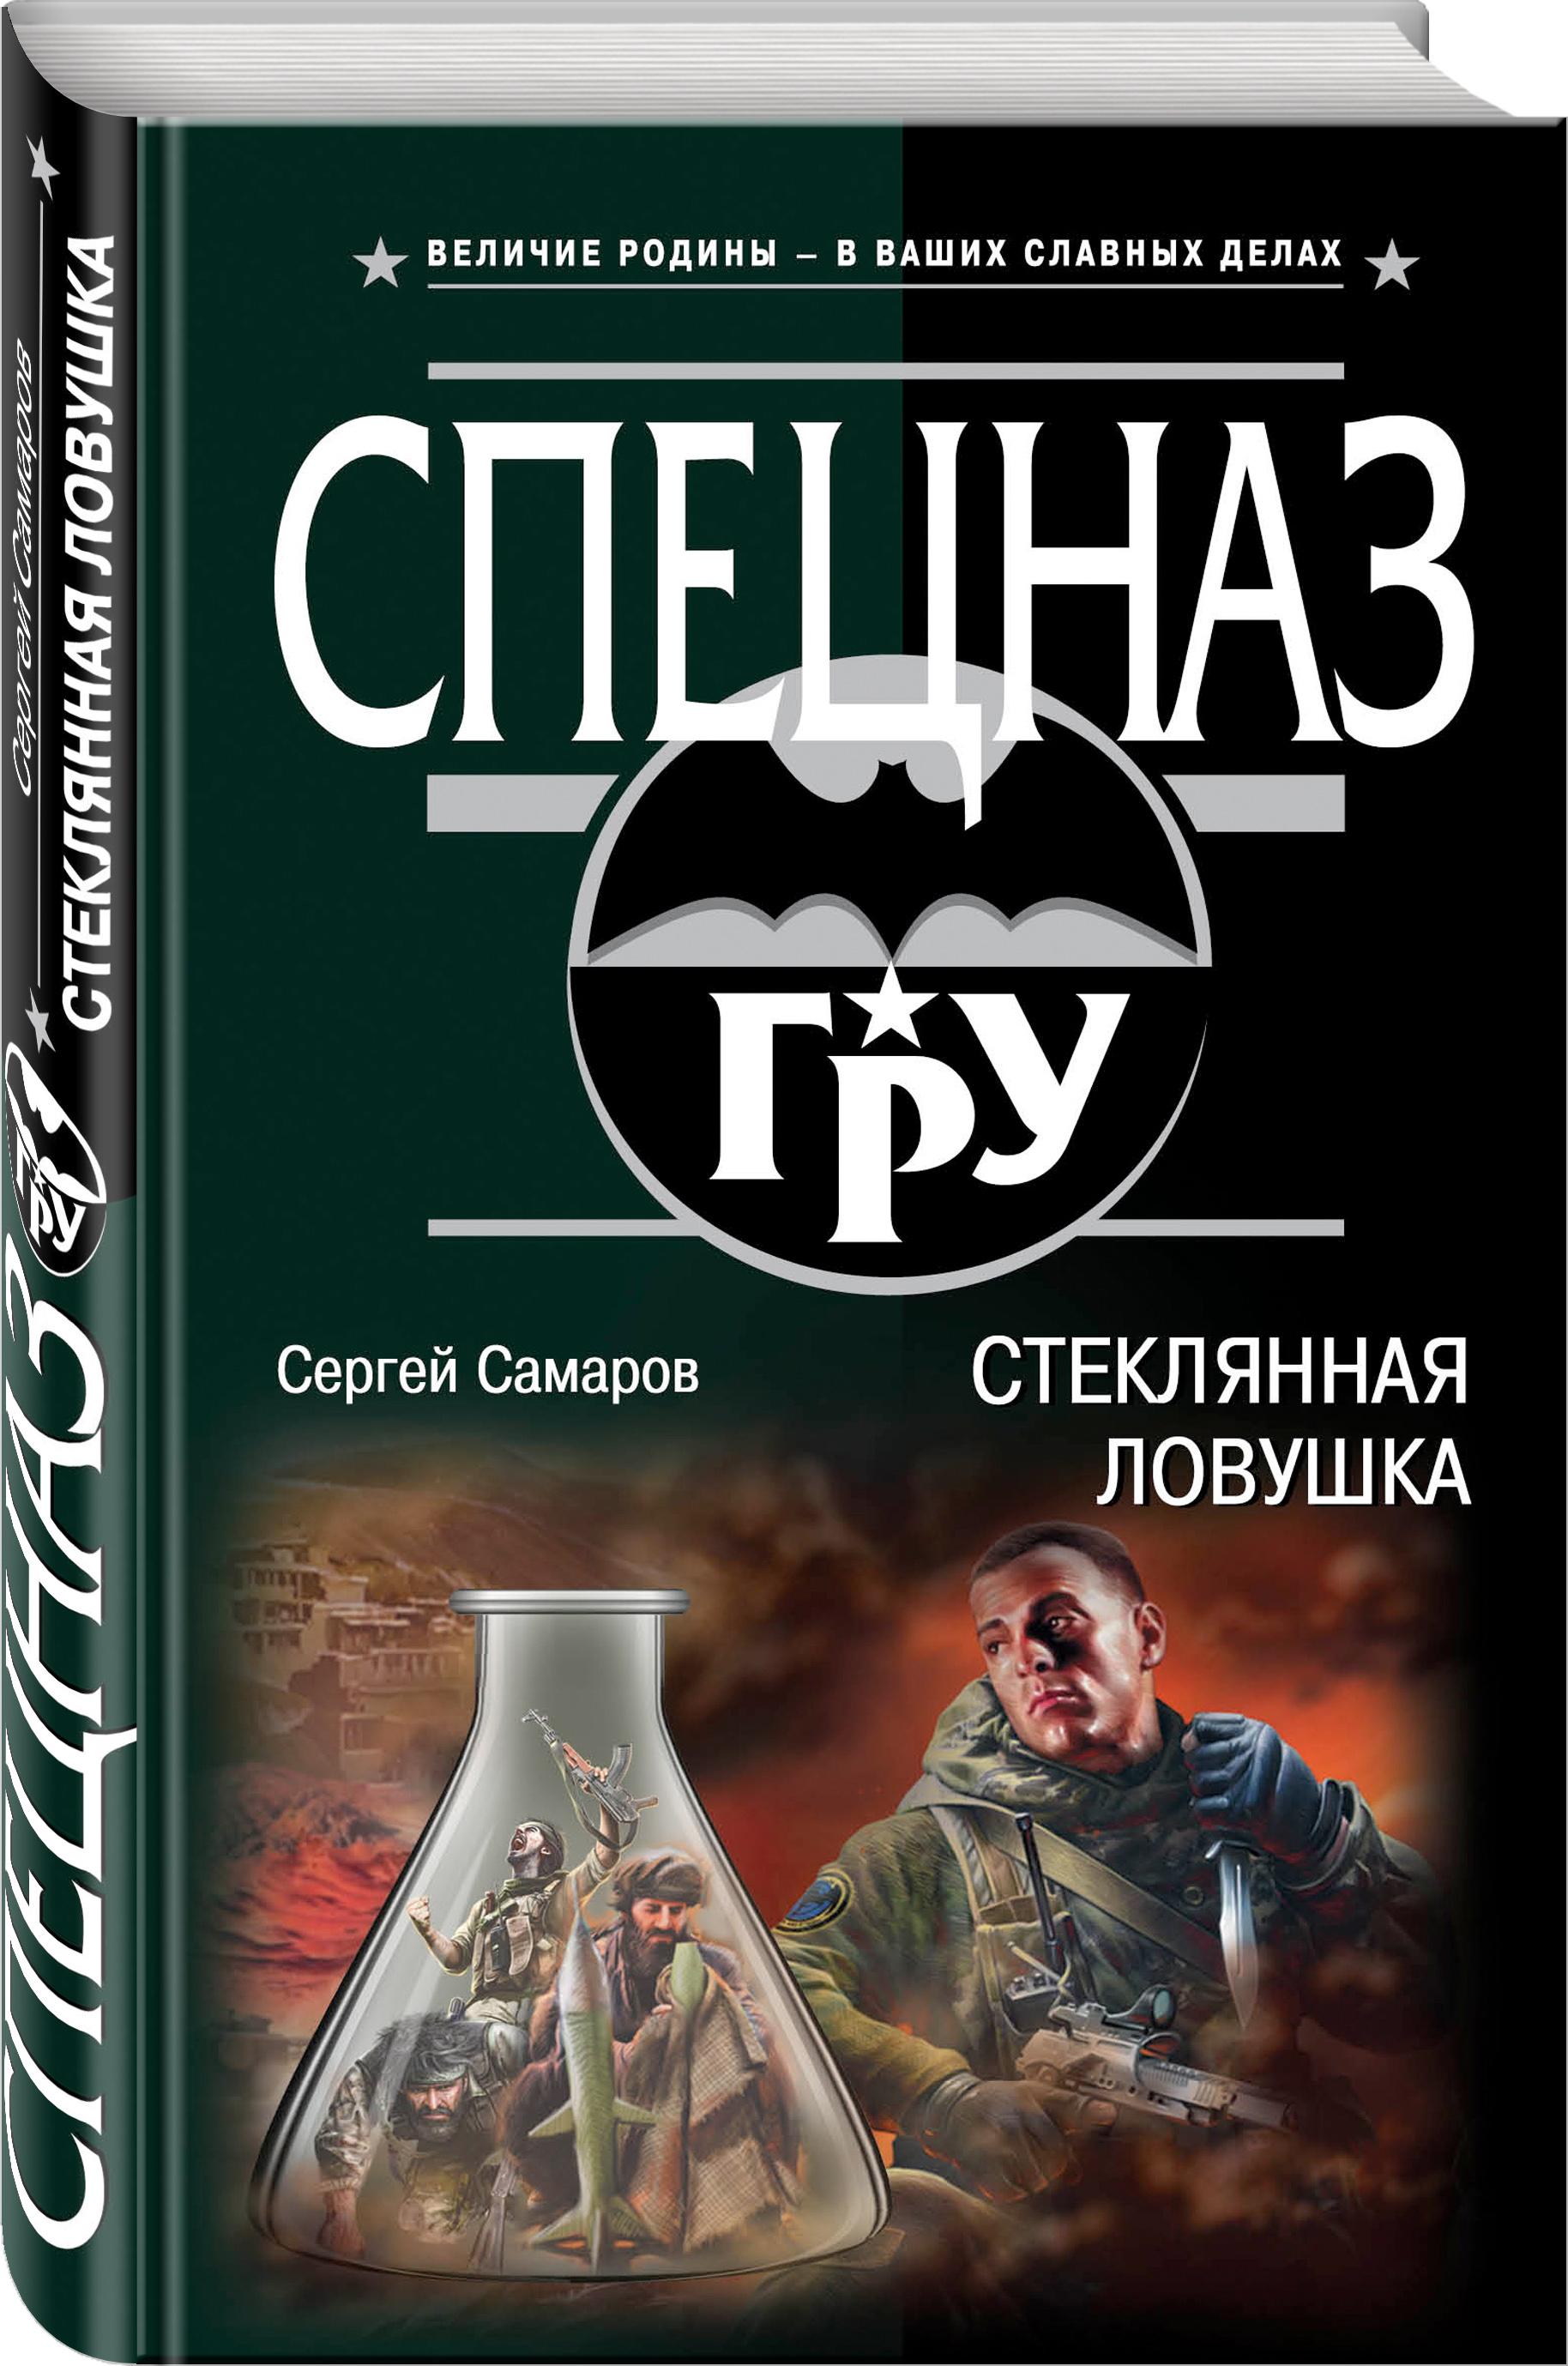 Сергей Самаров Стеклянная ловушка